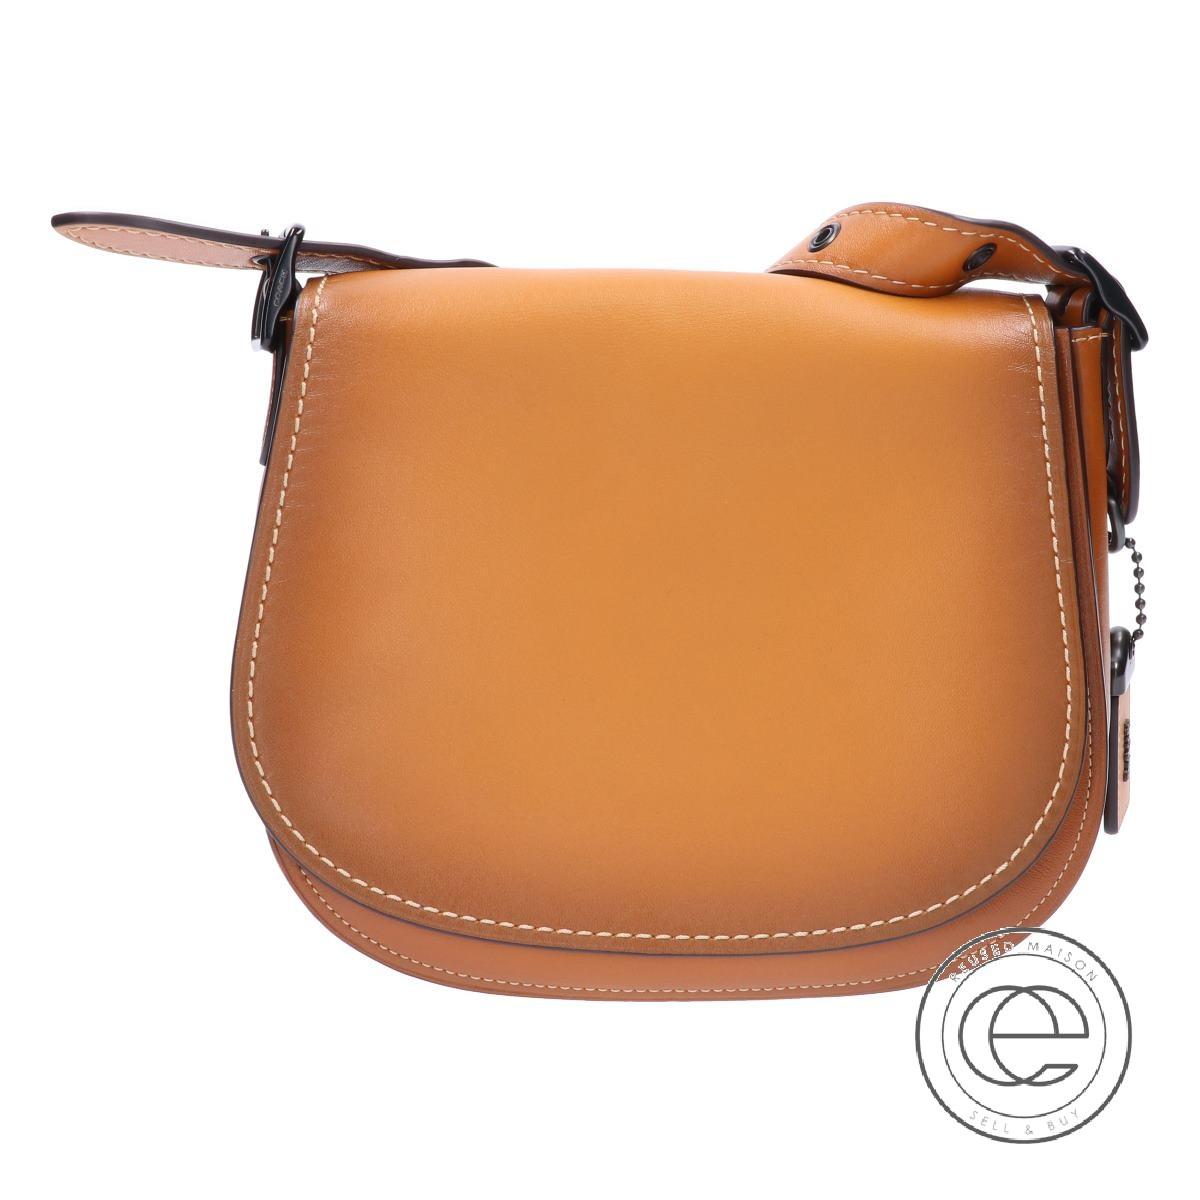 Coach Sd 20175 Saddle Bag Leather Saddlebag Shoulder Brown Lady S